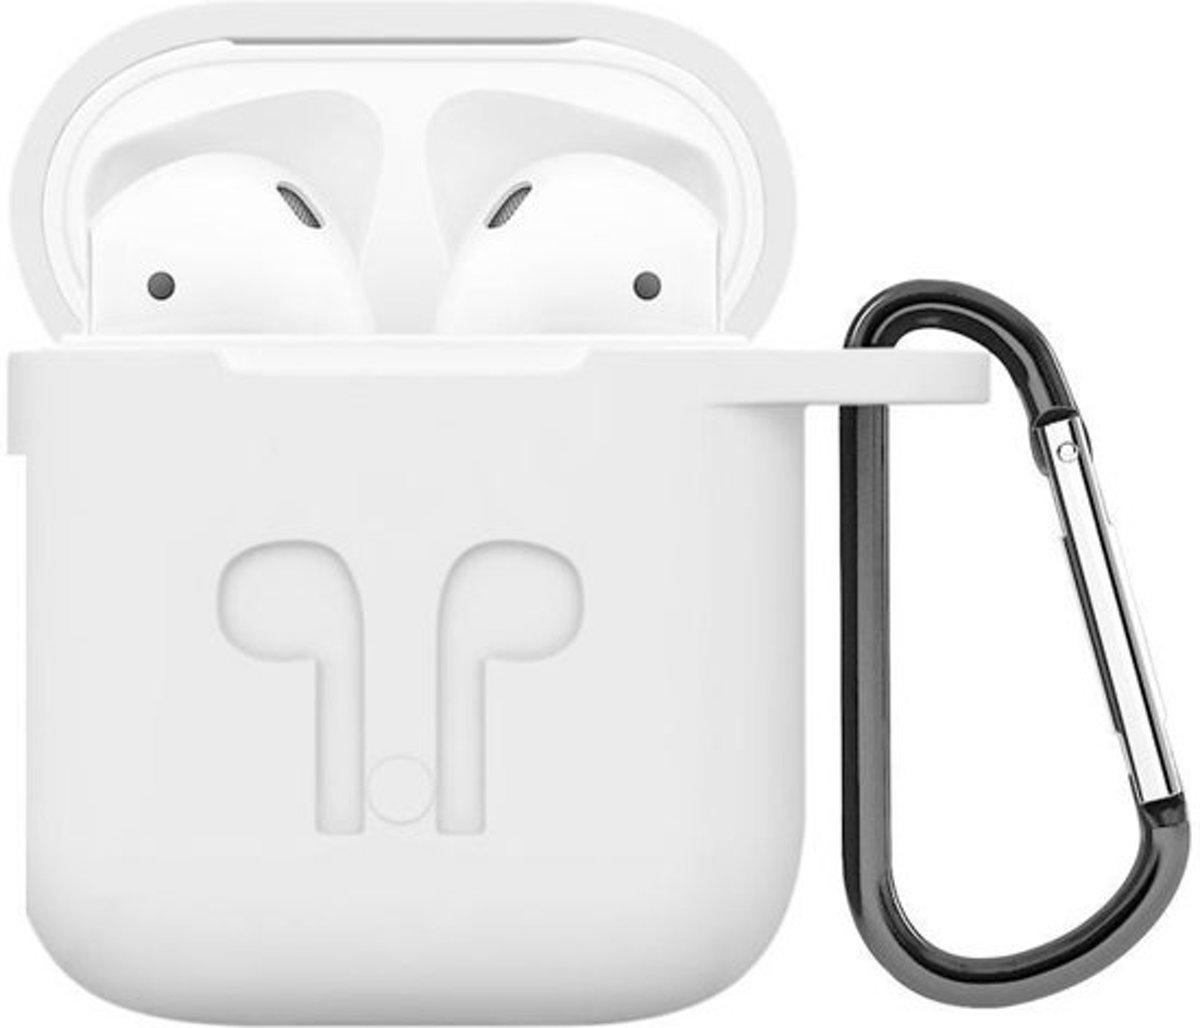 Airpods hoesje - geschikt voor Apple Airpods - Wit kopen